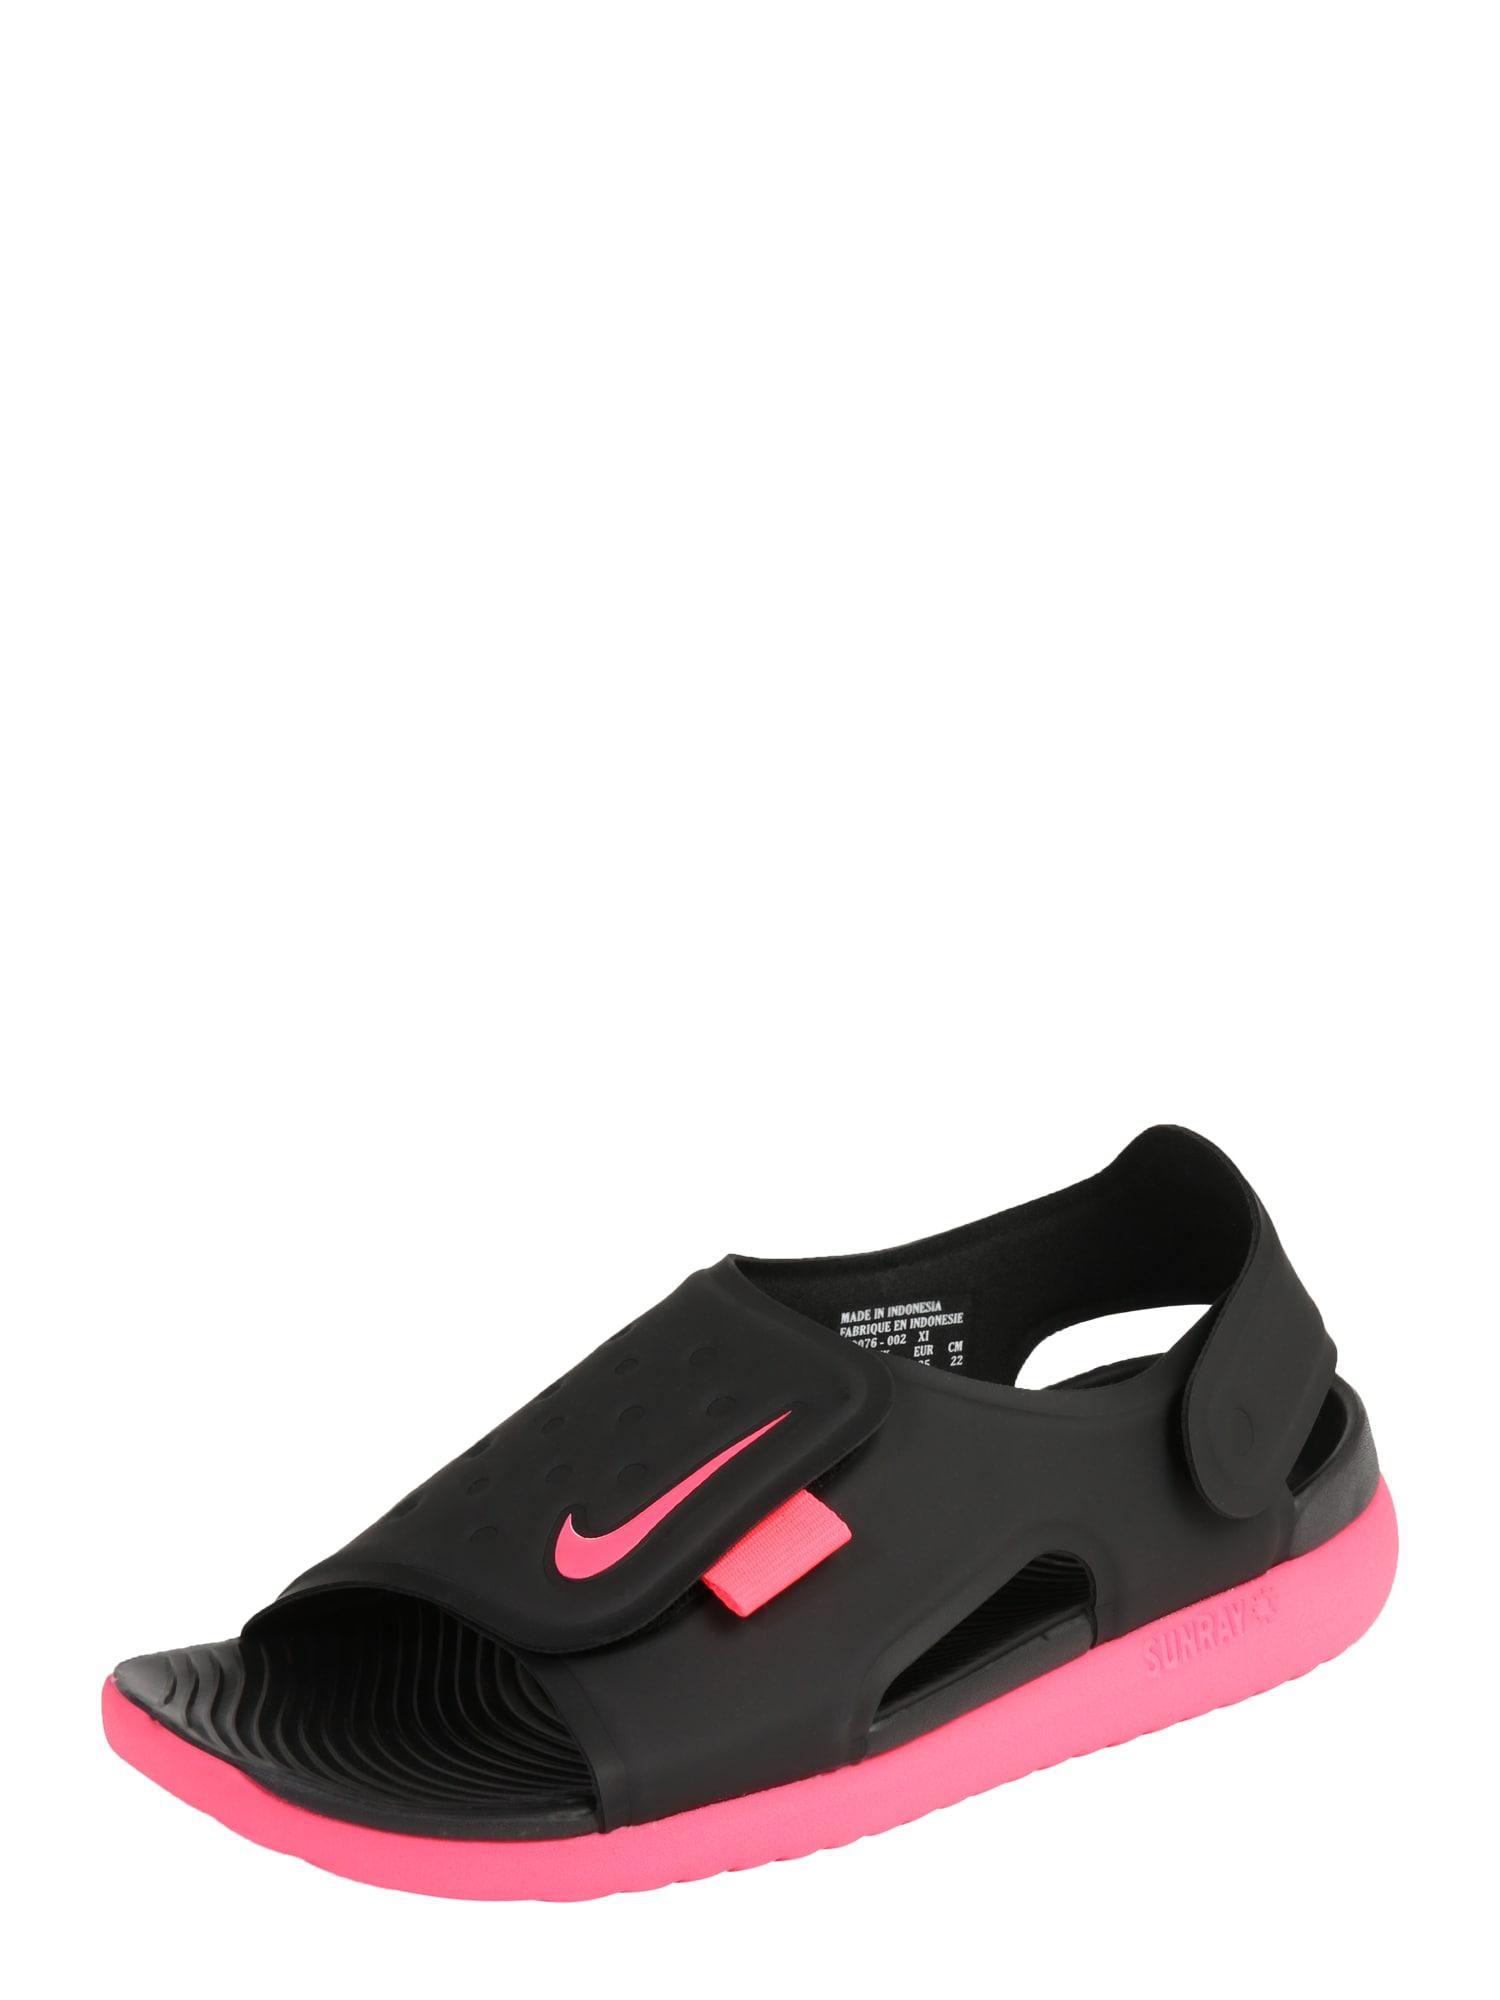 Nike Sportswear, Jongens Open schoenen 'Nike Sunray Adjust 5', zwart